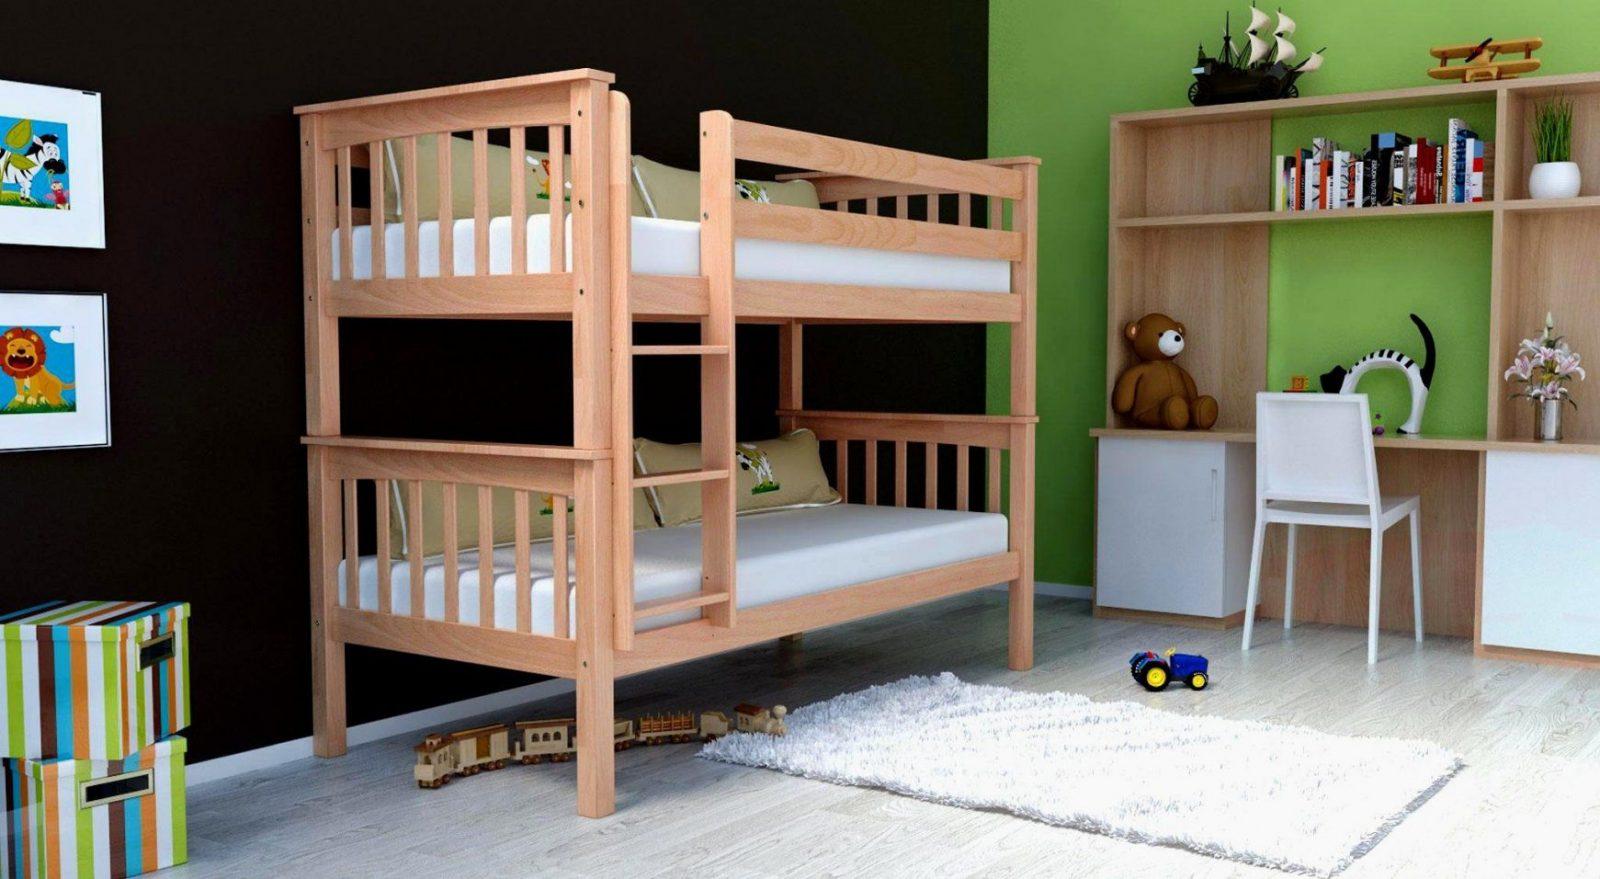 Etagenbetten Für Erwachsene : Inspirational hervorragend metall etagenbett fa¼r erwachsene von